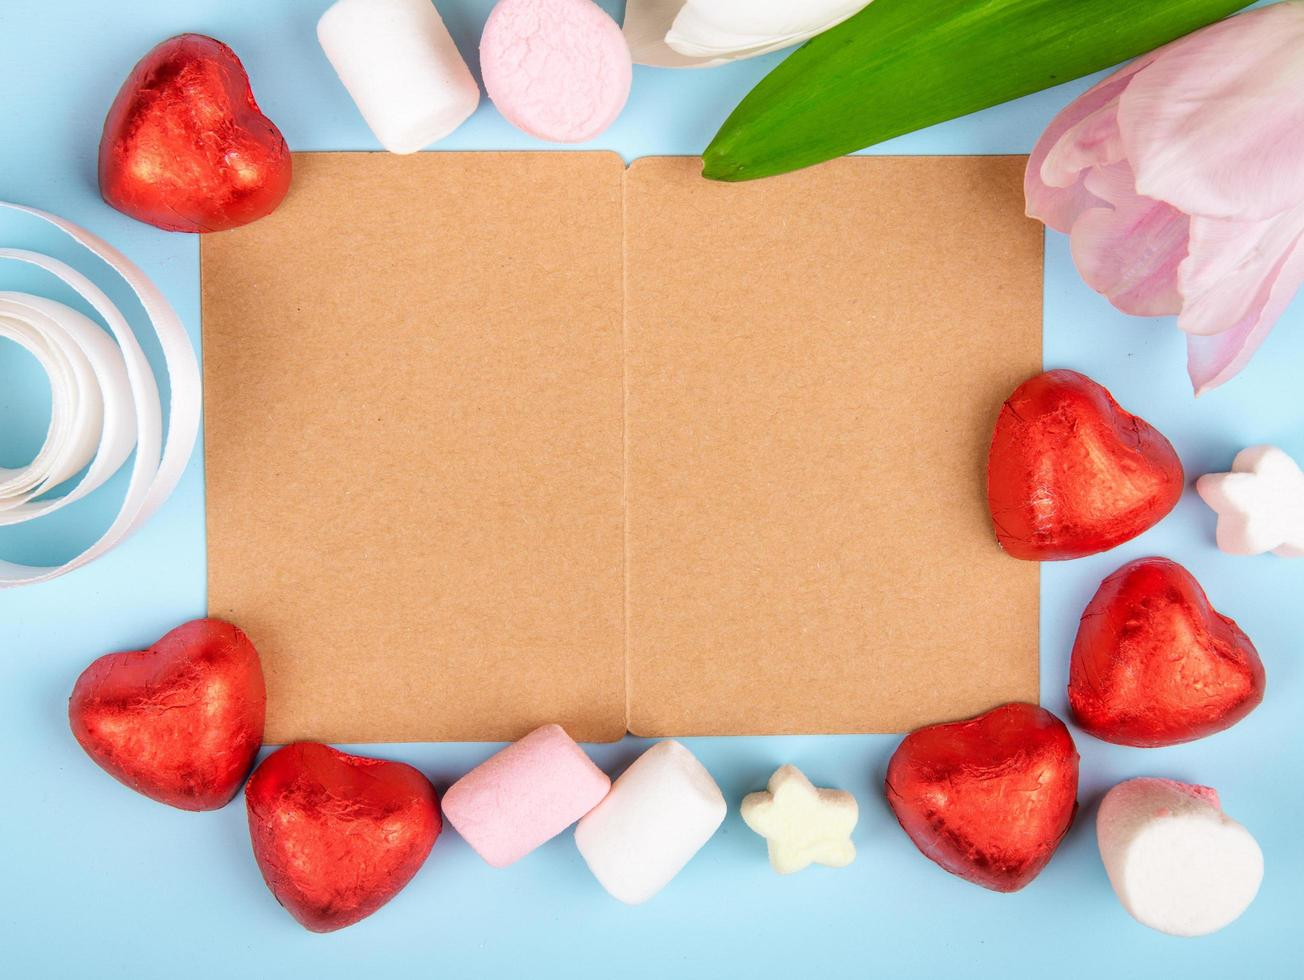 vista dall'alto di carta marrone con cioccolatini a forma di cuore foto